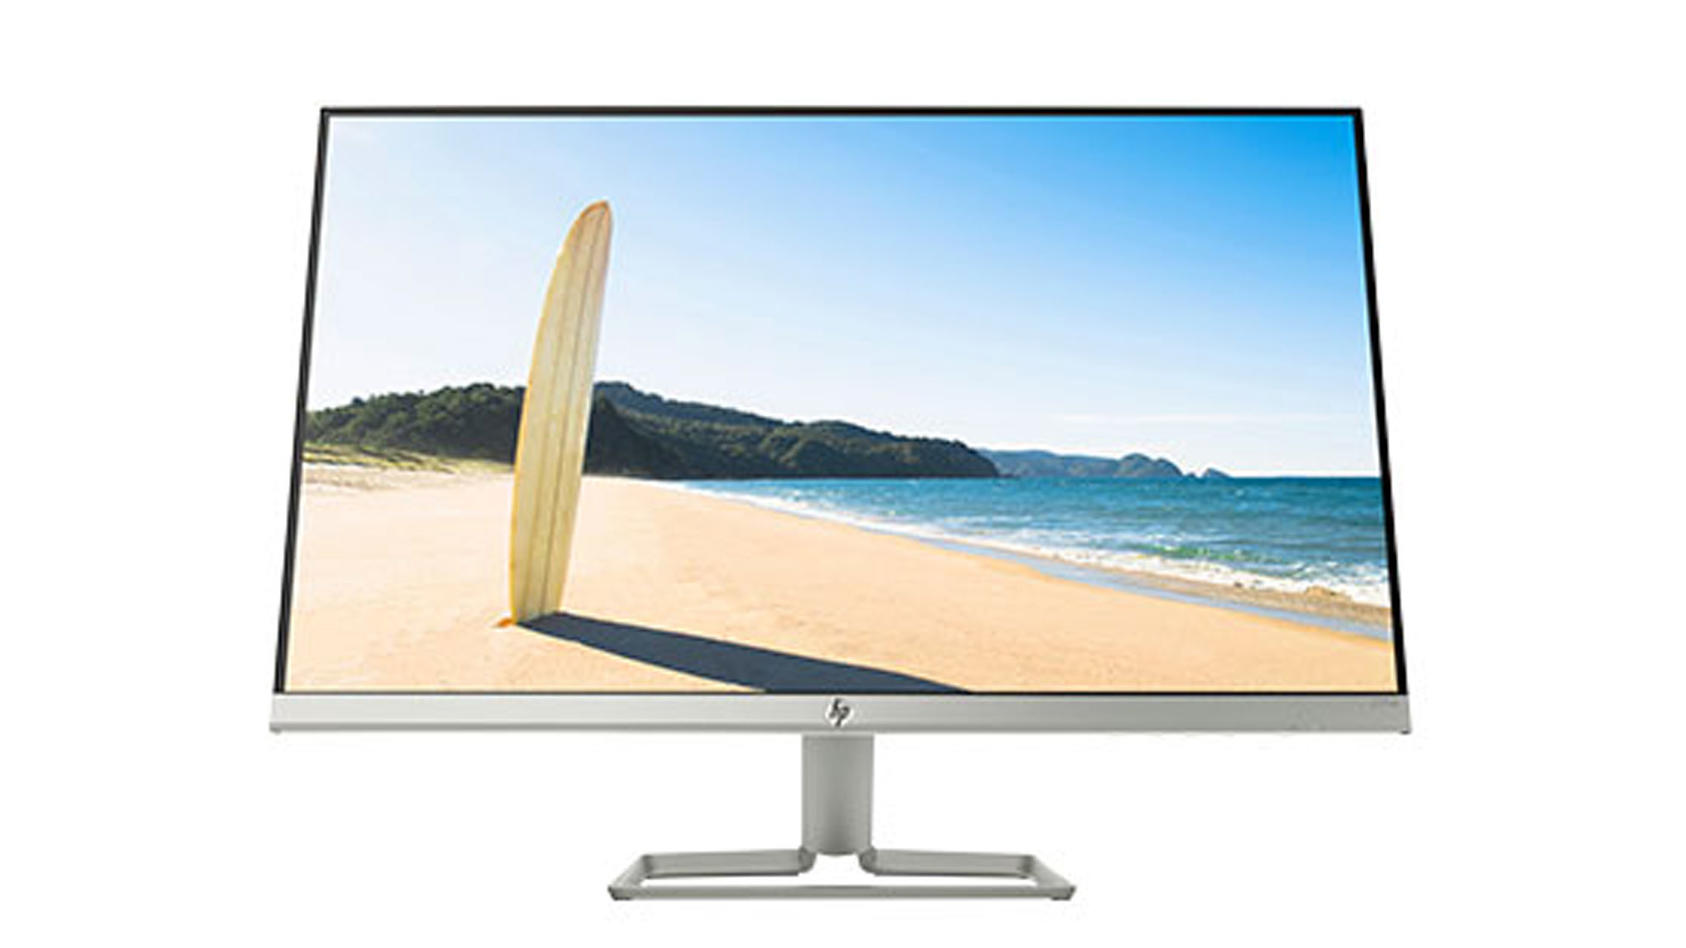 Diesen Monitor von HP gibt es ab dem 14. Mai 2020 im Angebot bei Aldi-Süd